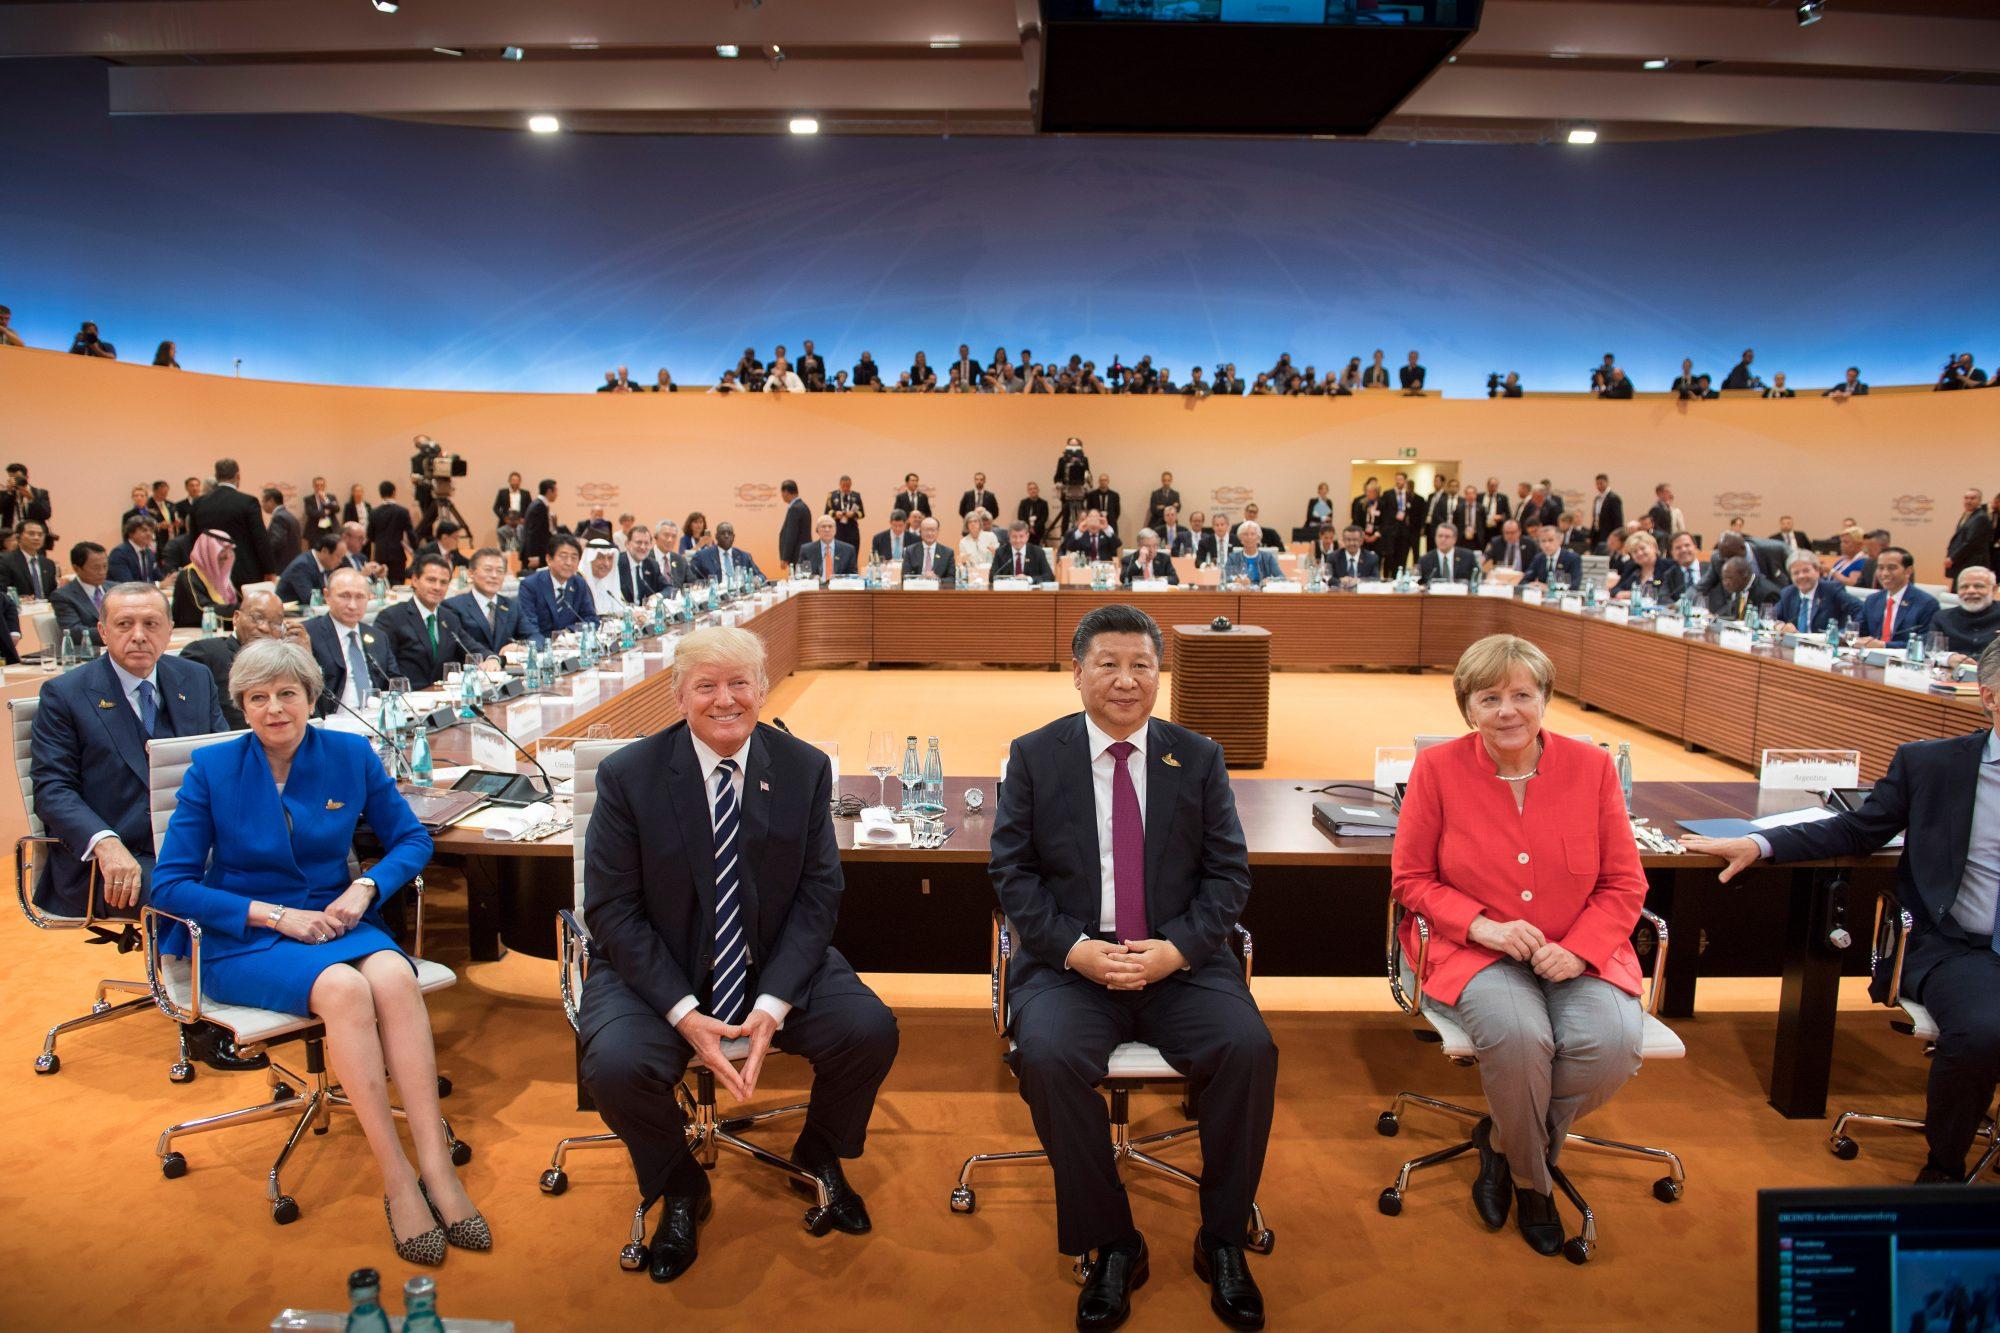 Tischlerei Schöpker - Tabletts für den G20-Gipfel